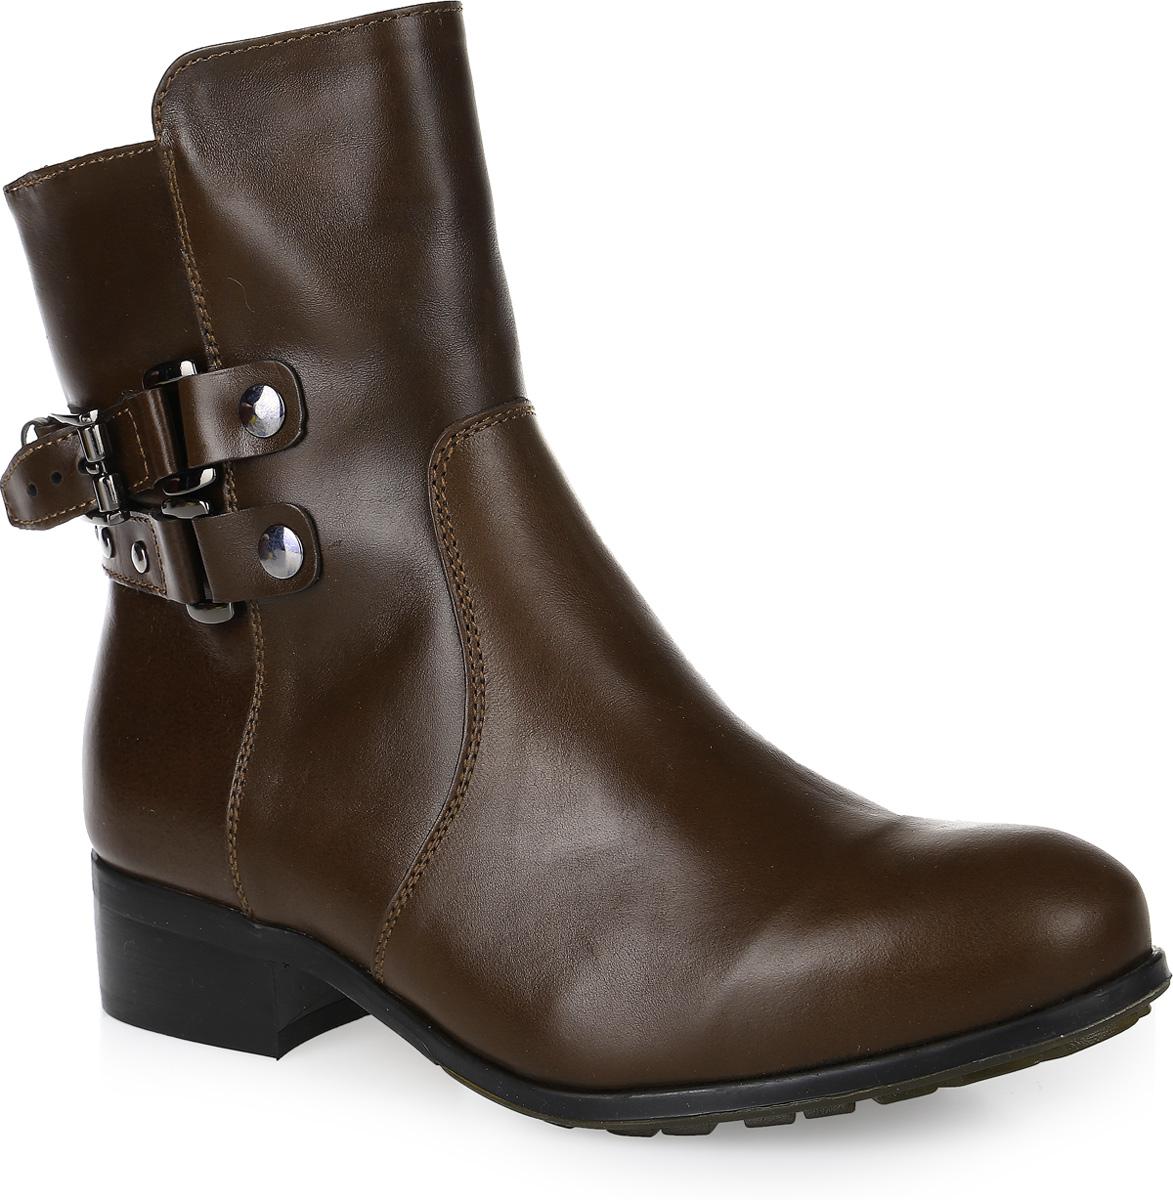 12382Женские ботинки Trend от Marko, выполненные из натуральной кожи, оформлены декоративными ремешками с металлическими пряжками. Подкладка и стелька из шерстяного меха не дадут ногам замерзнуть. Застегивается модель на боковую застежку-молнию. Подошва и невысокий каблук дополнены рифлением.